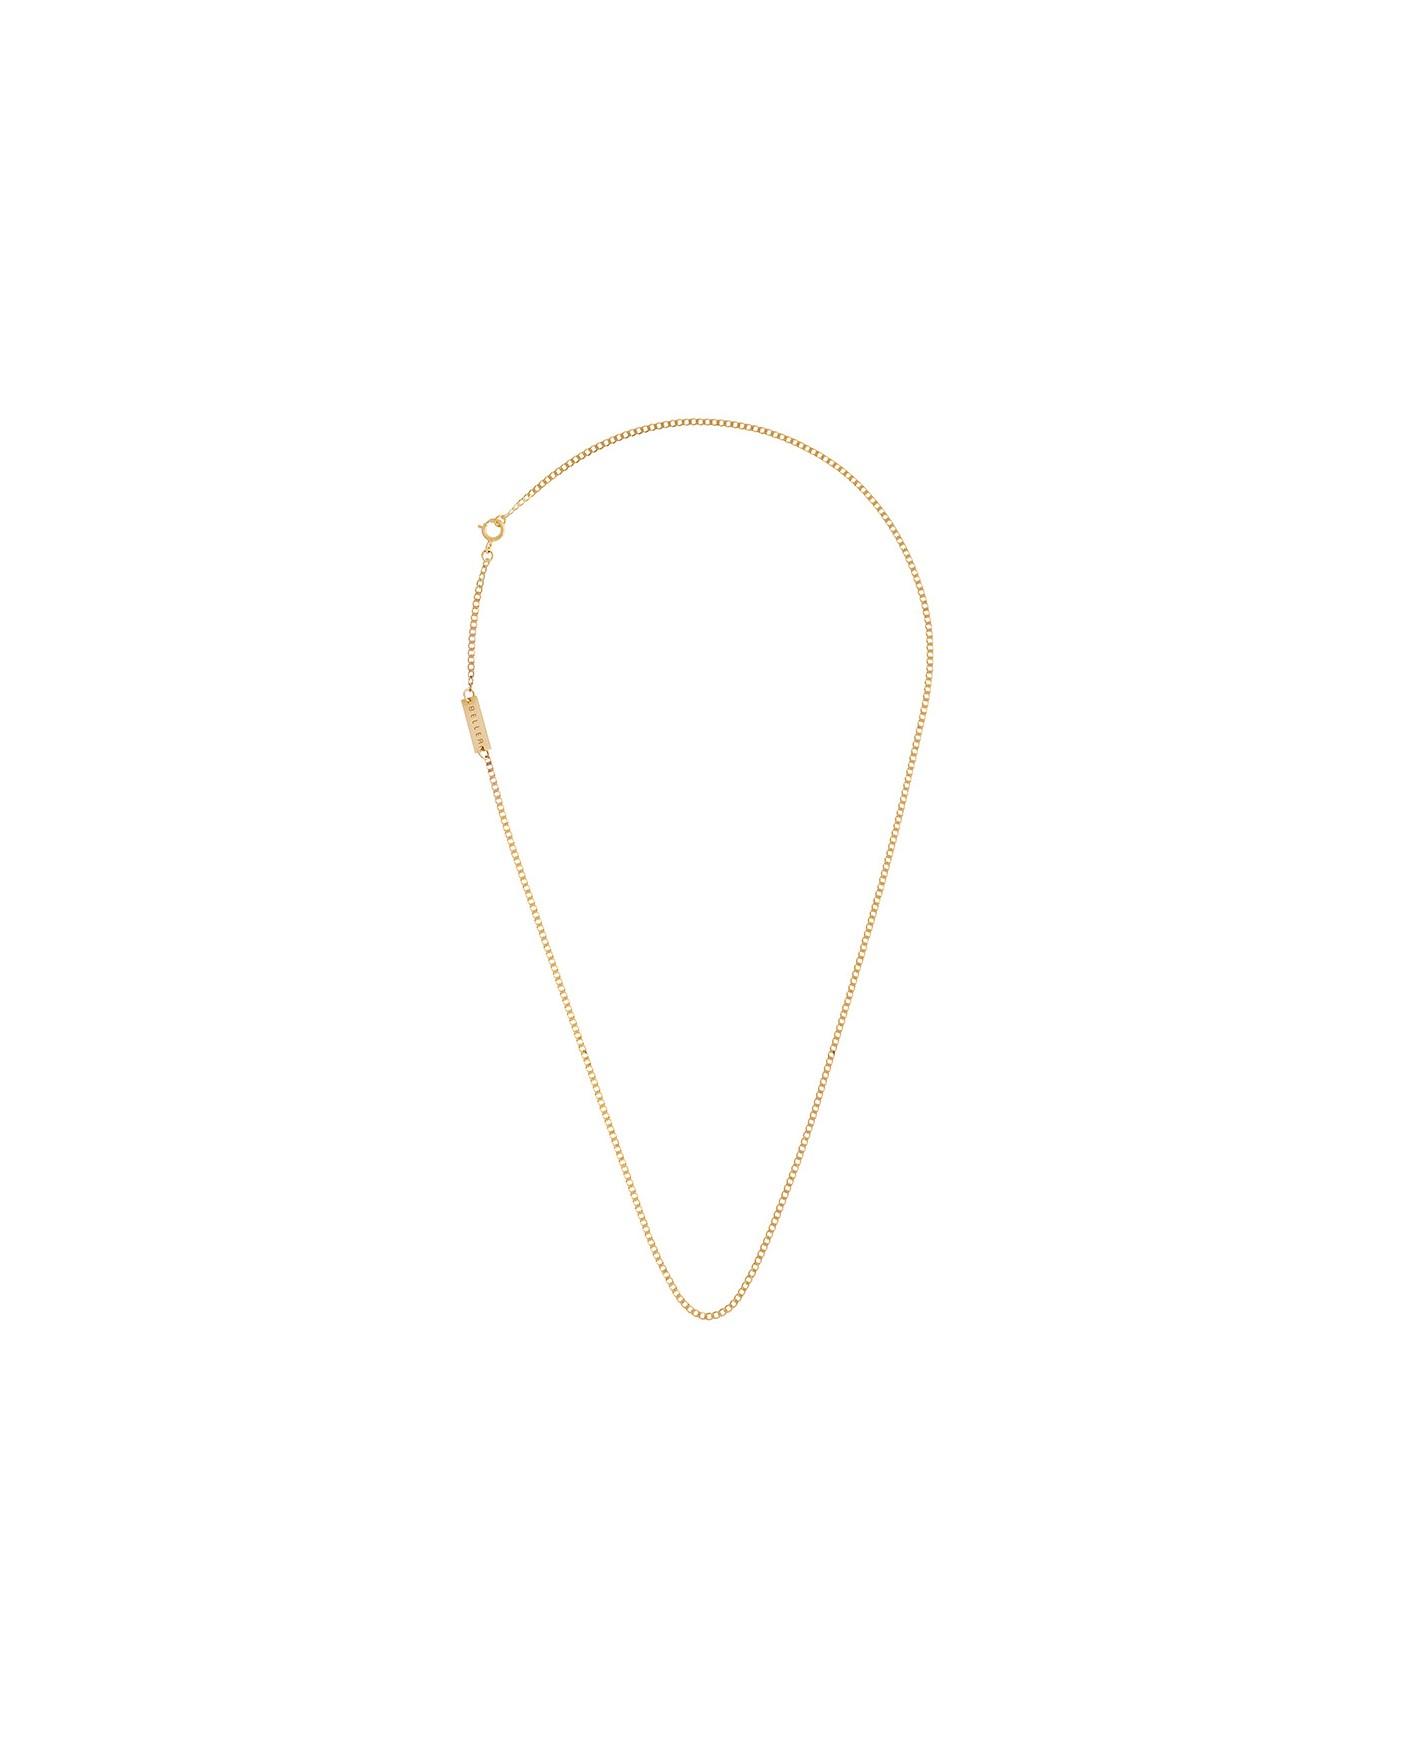 Basic Złoty Łańcuszek N°121